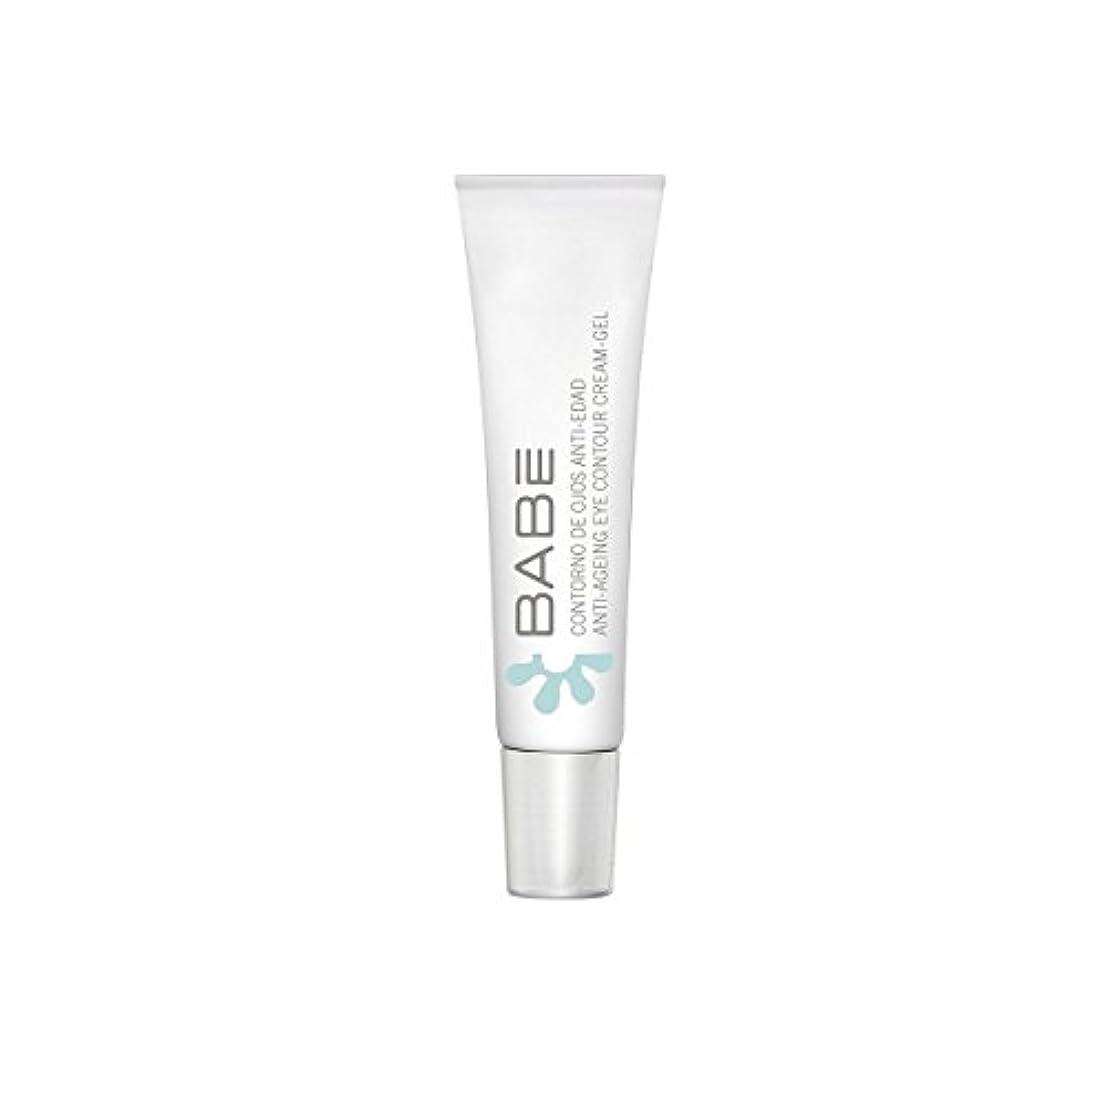 垂直離れて壮大なBabe Anti-ageing Eye Contour Cream Gel 15ml [並行輸入品]